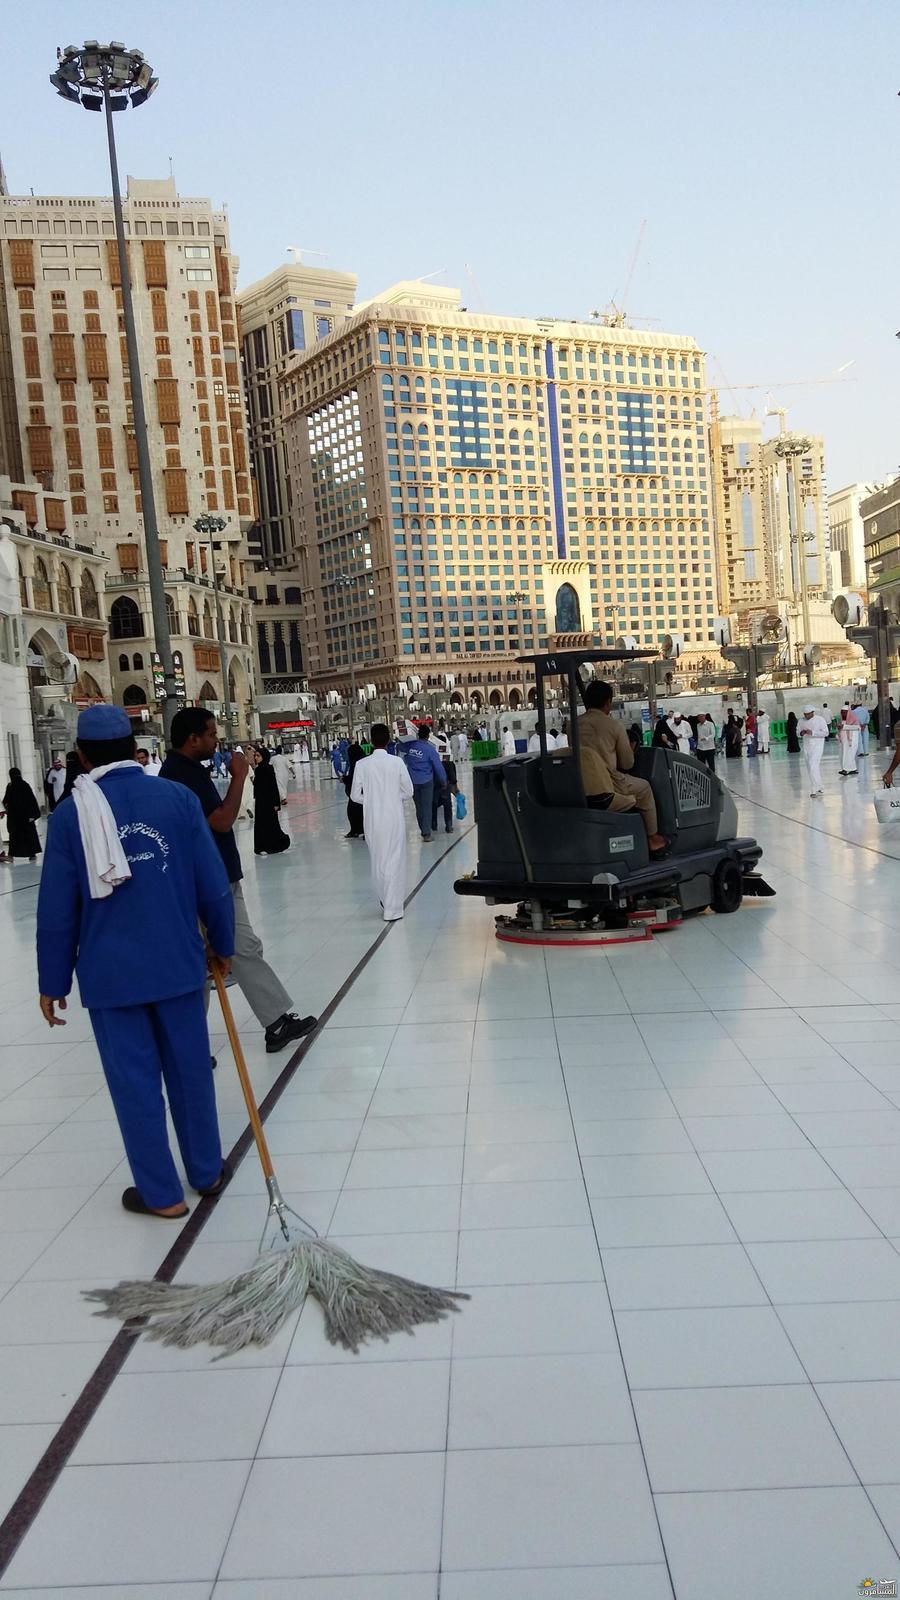 655123 المسافرون العرب نبذة عن الميقات